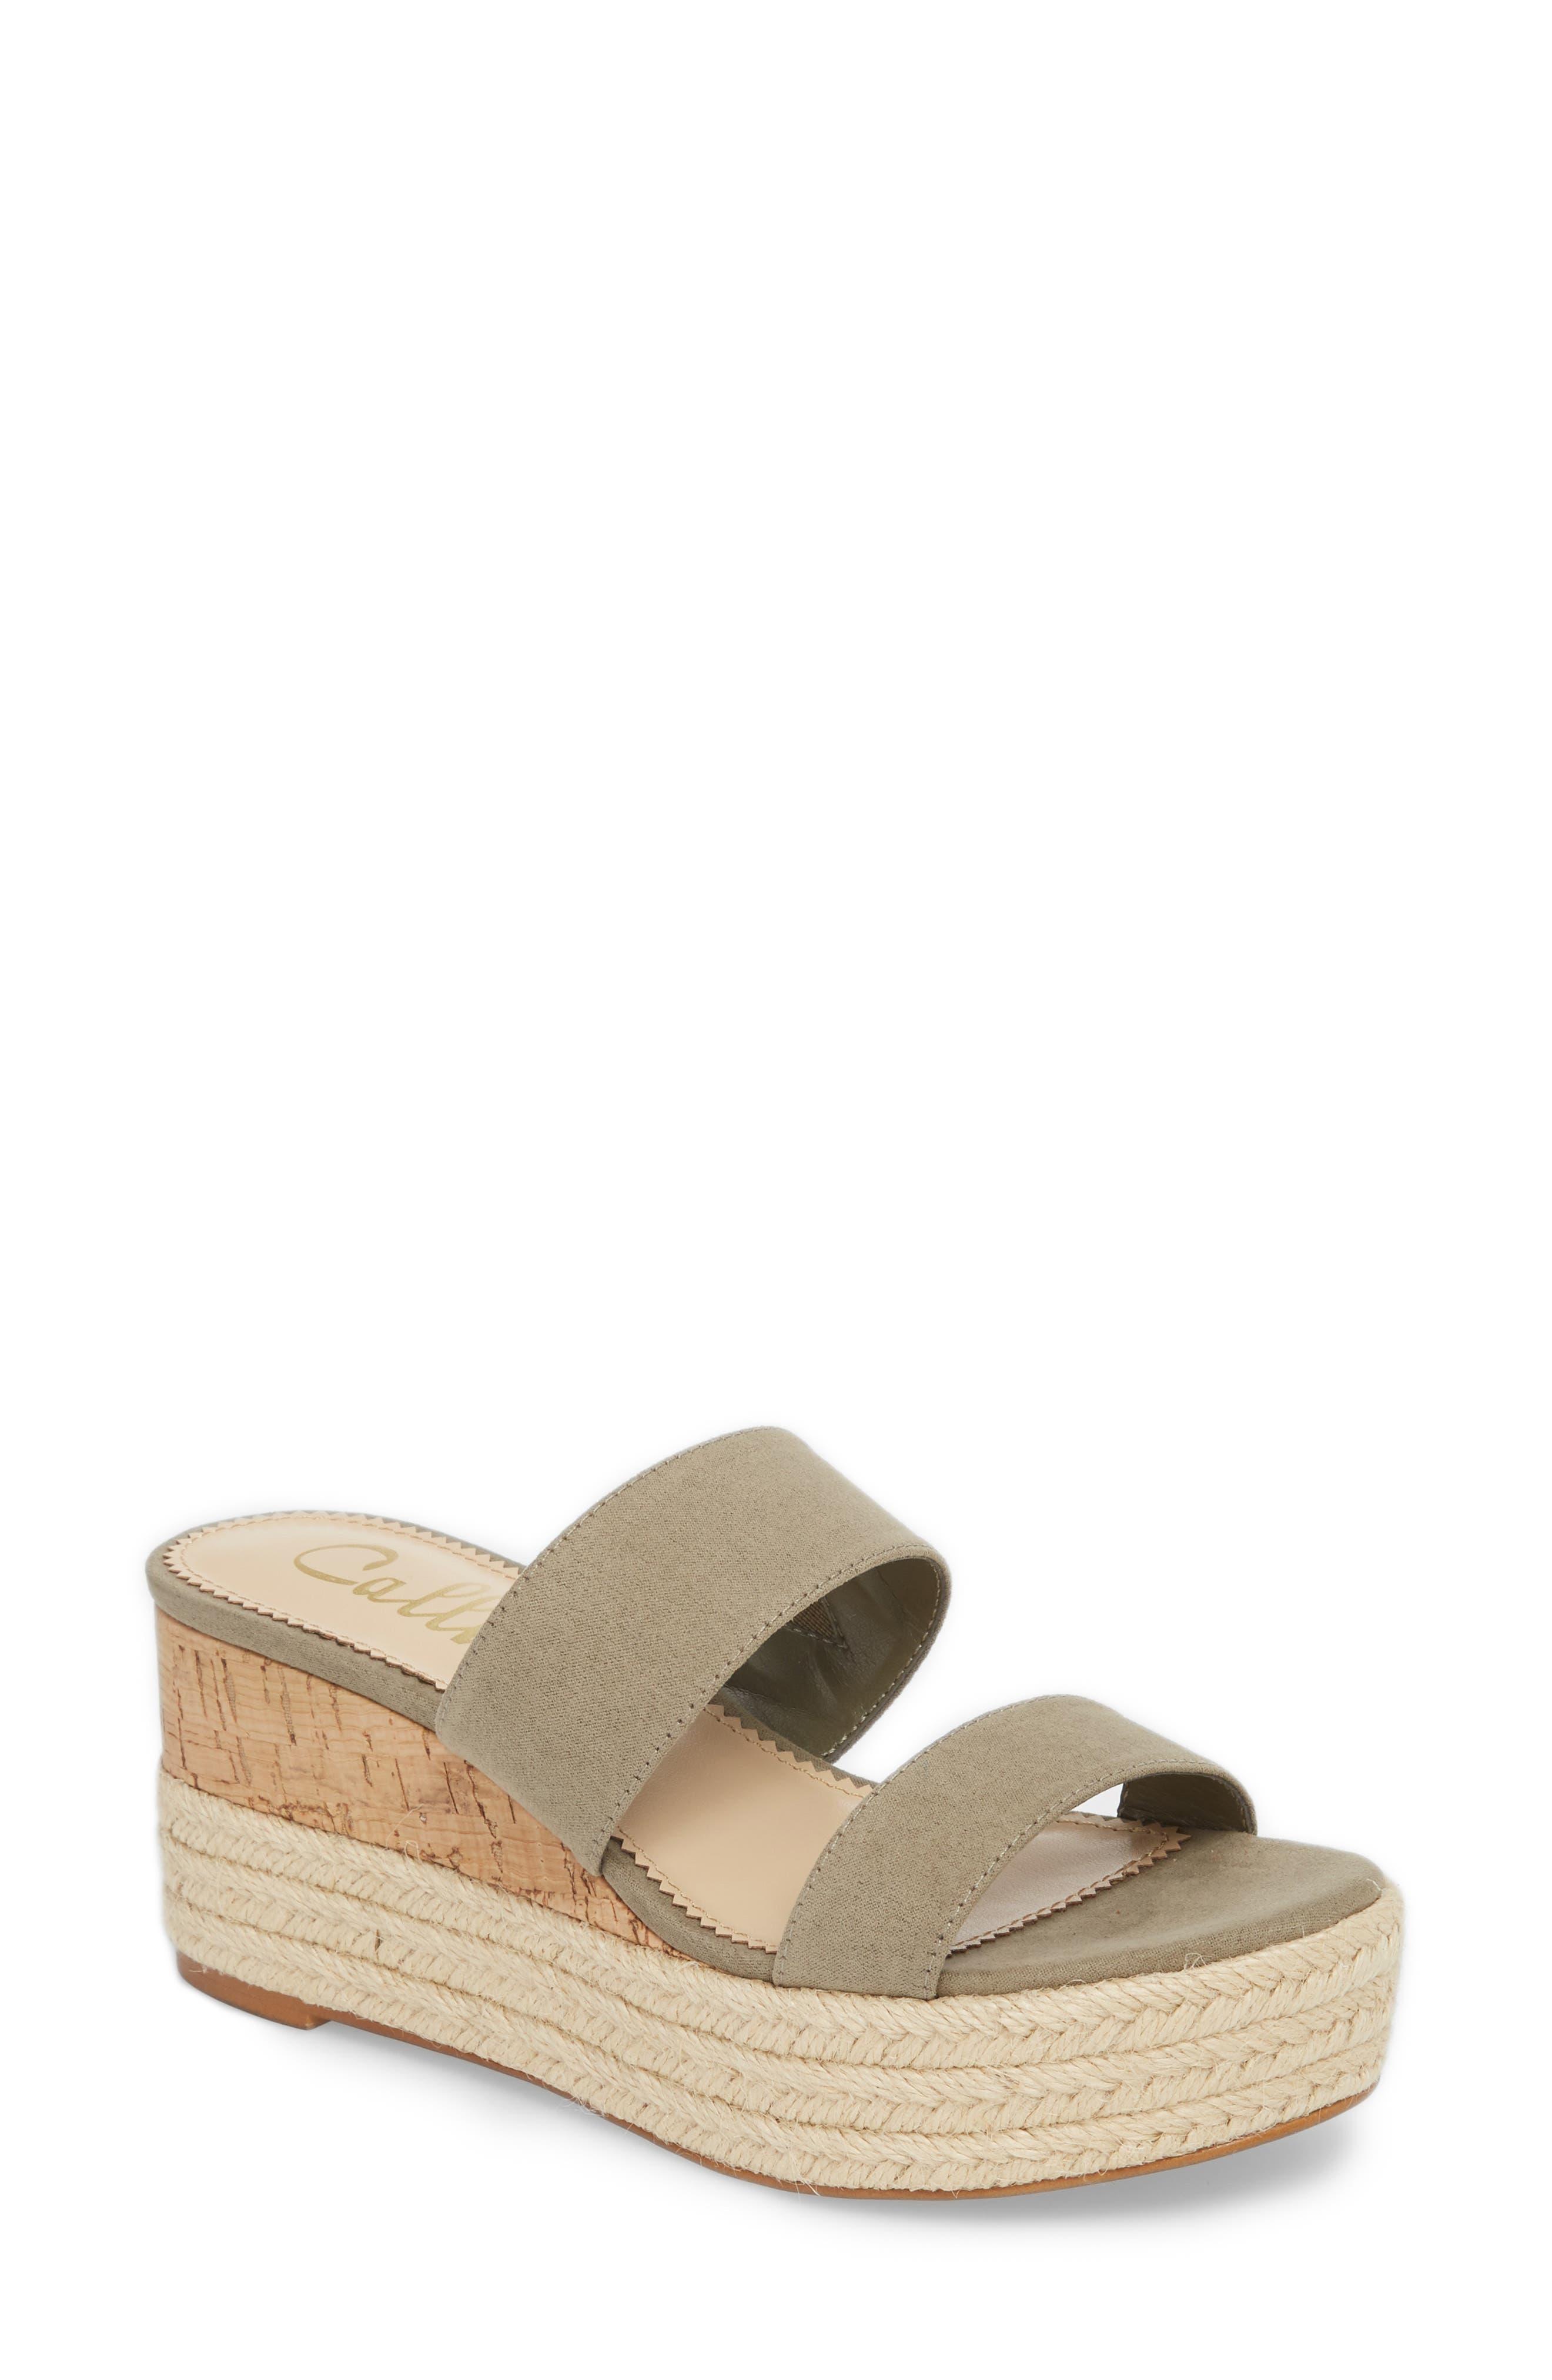 Foundation Platform Slide Sandal,                             Main thumbnail 1, color,                             Sage Suede